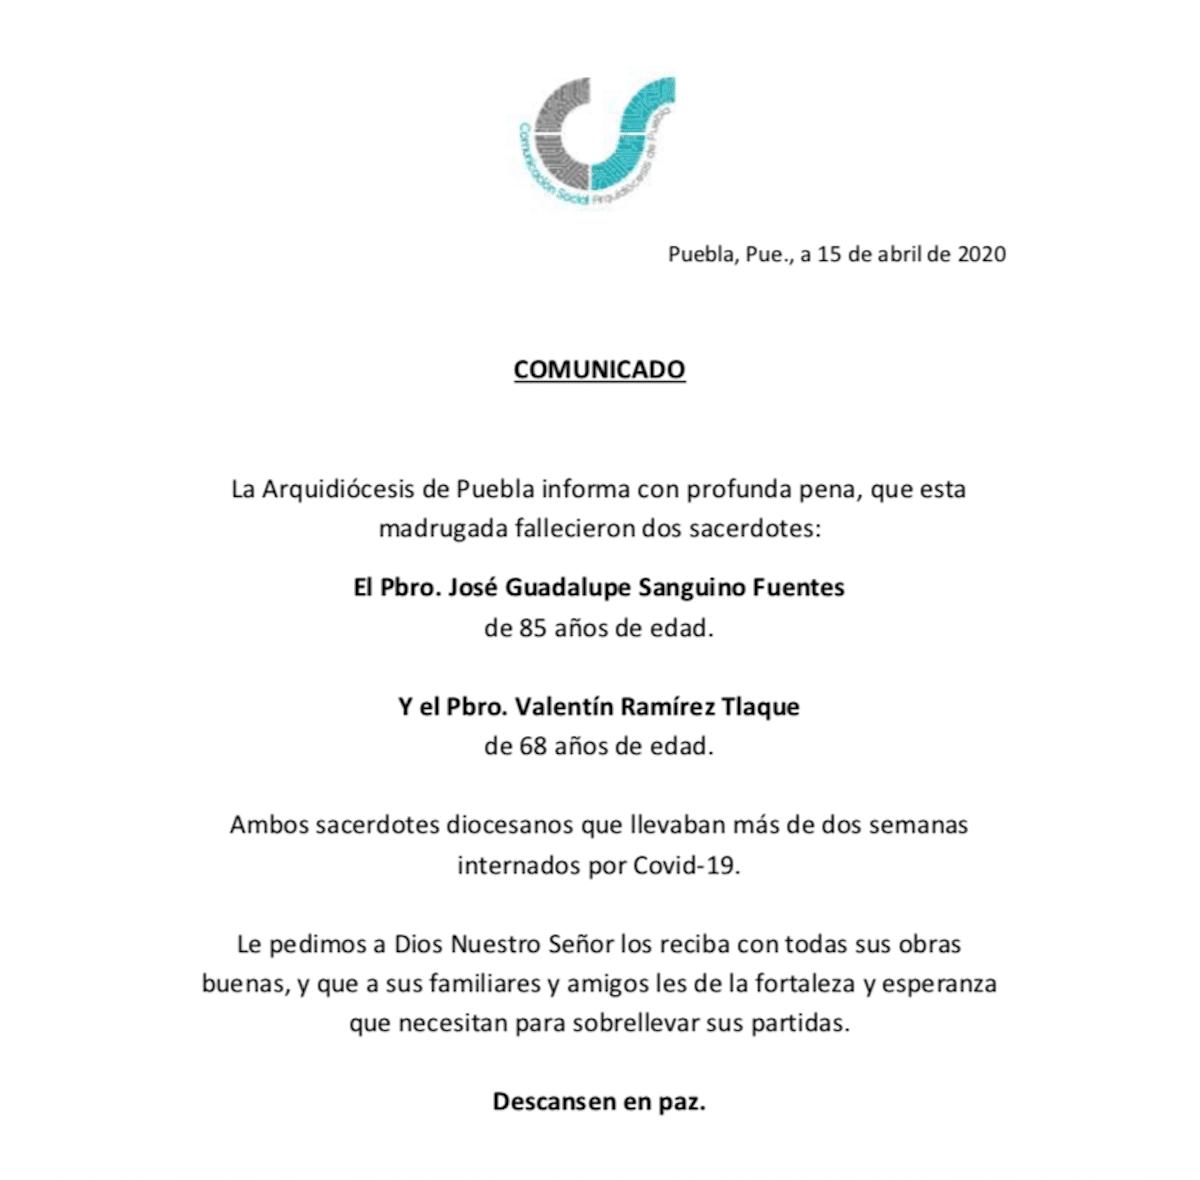 Comunicado de la Arquidiócesis de Puebla